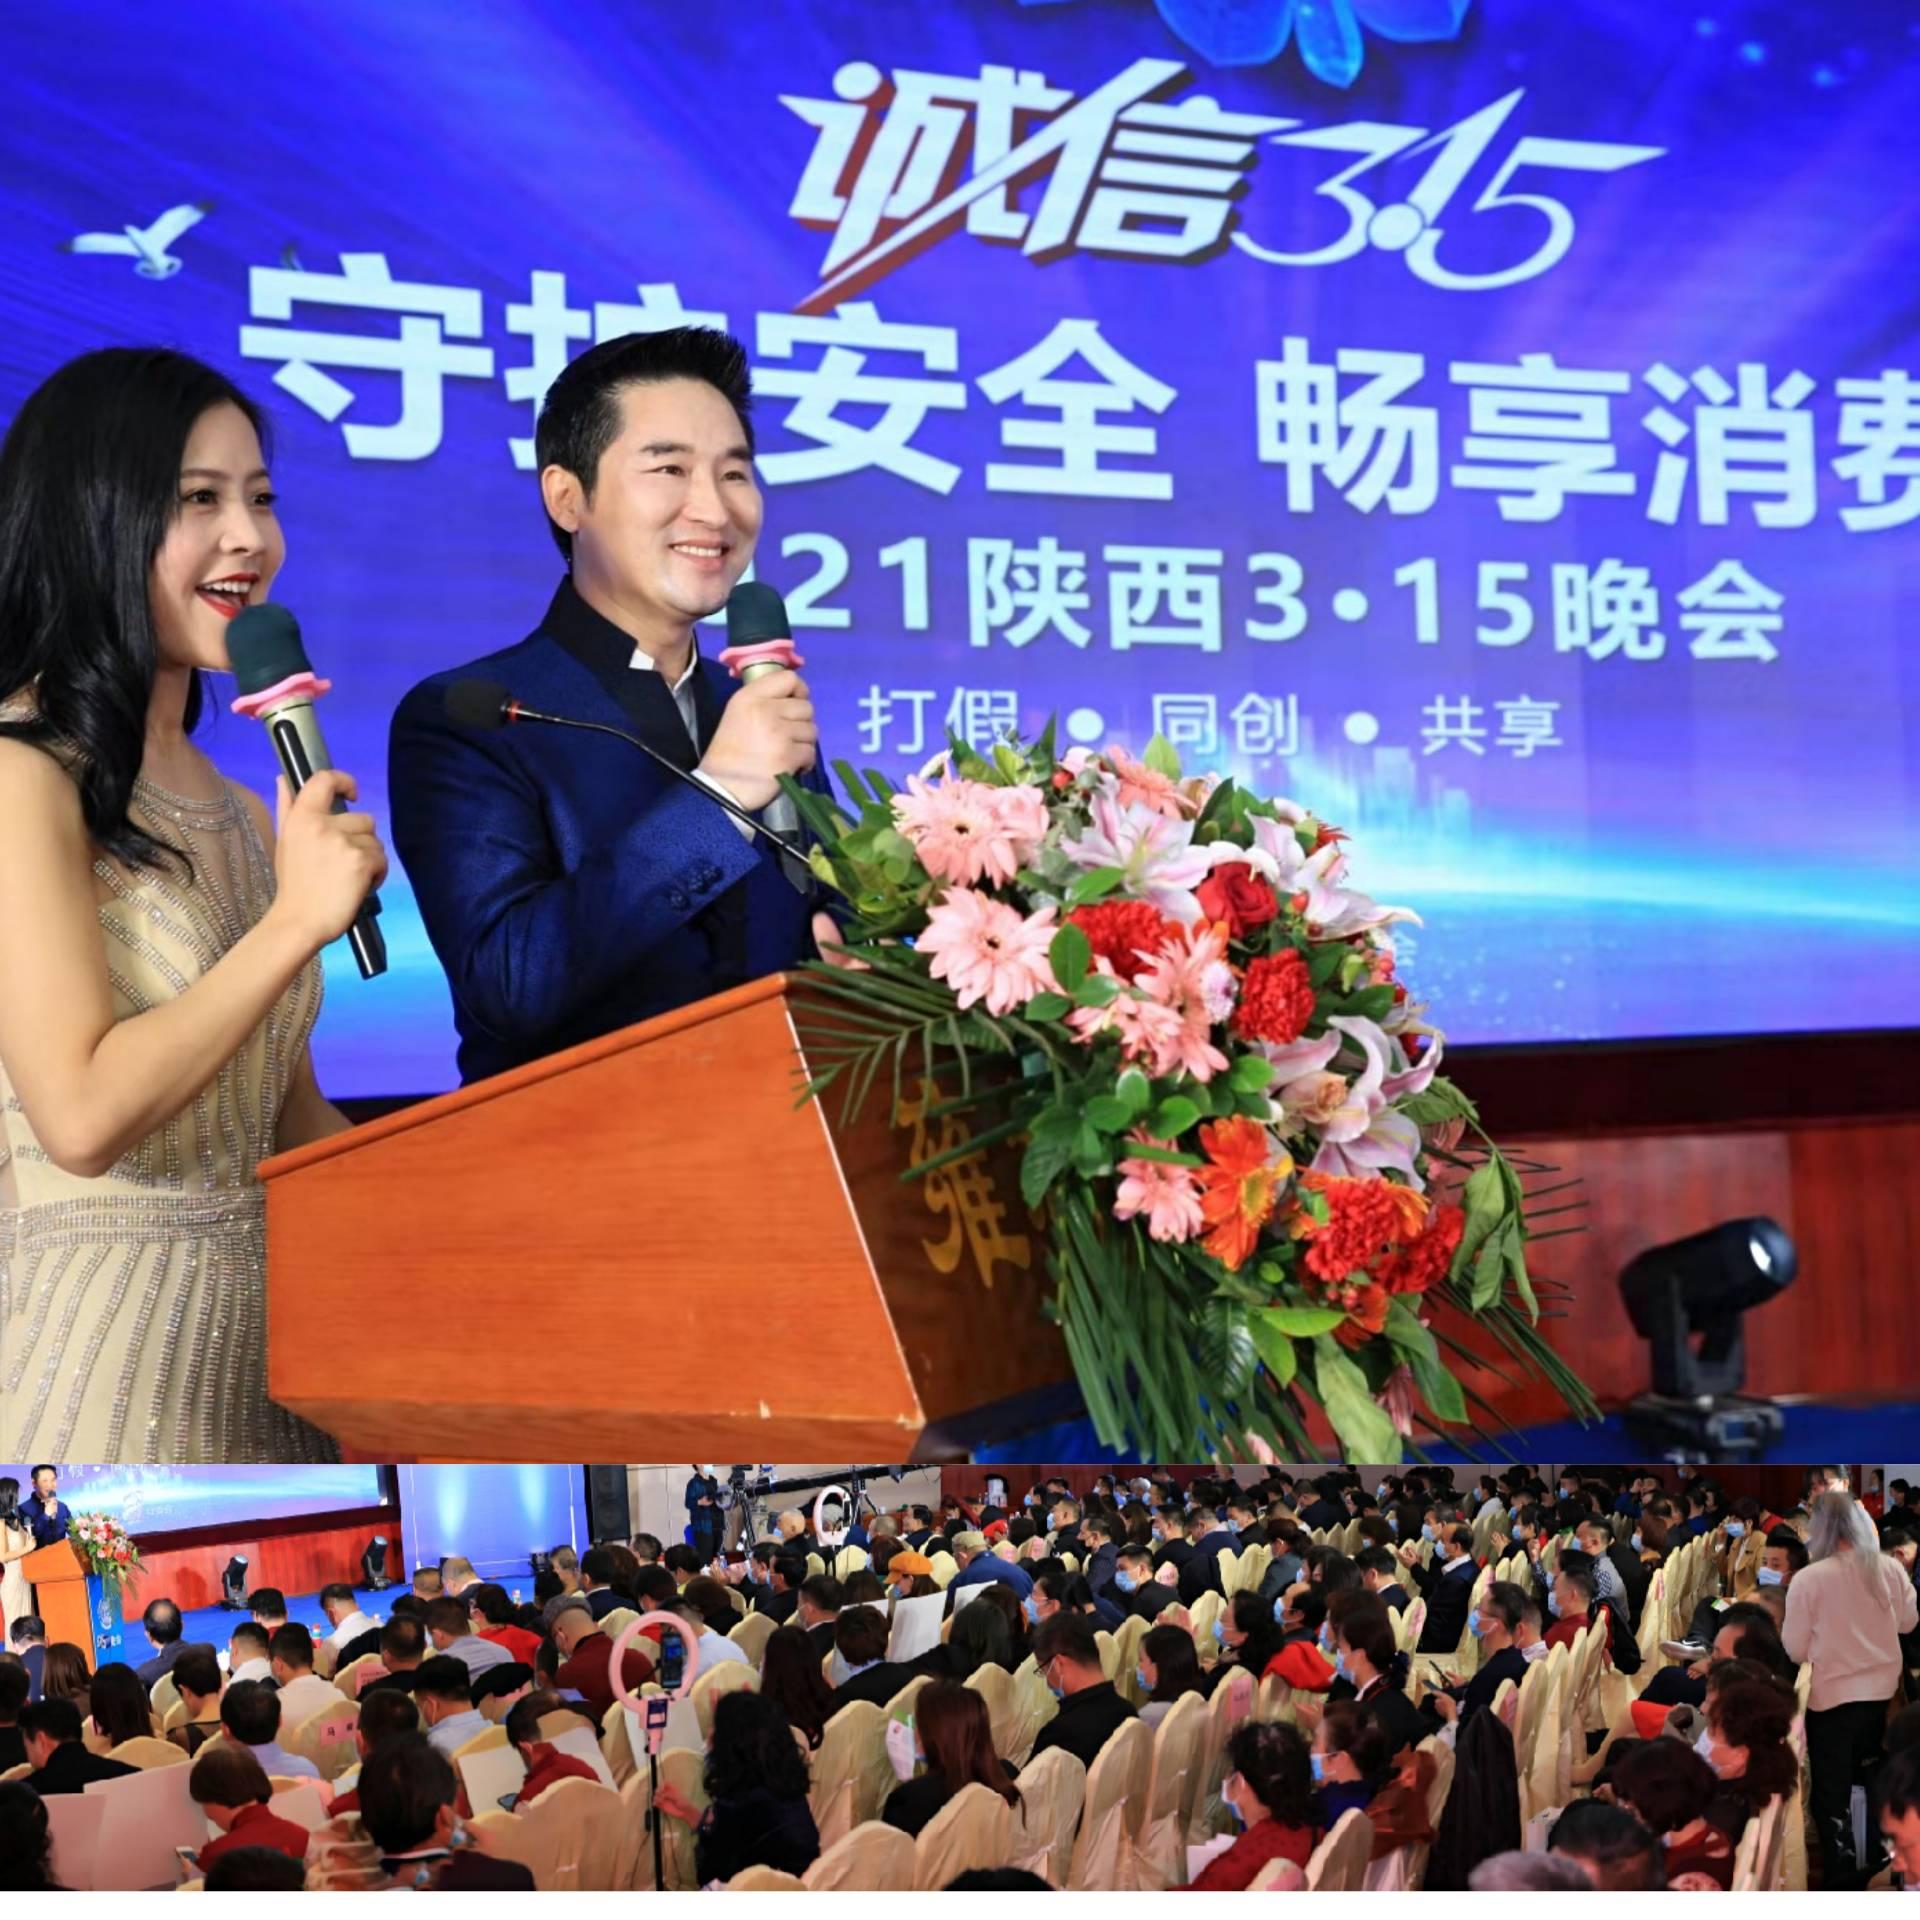 笑天歌主持2021陕西电视台315晚会